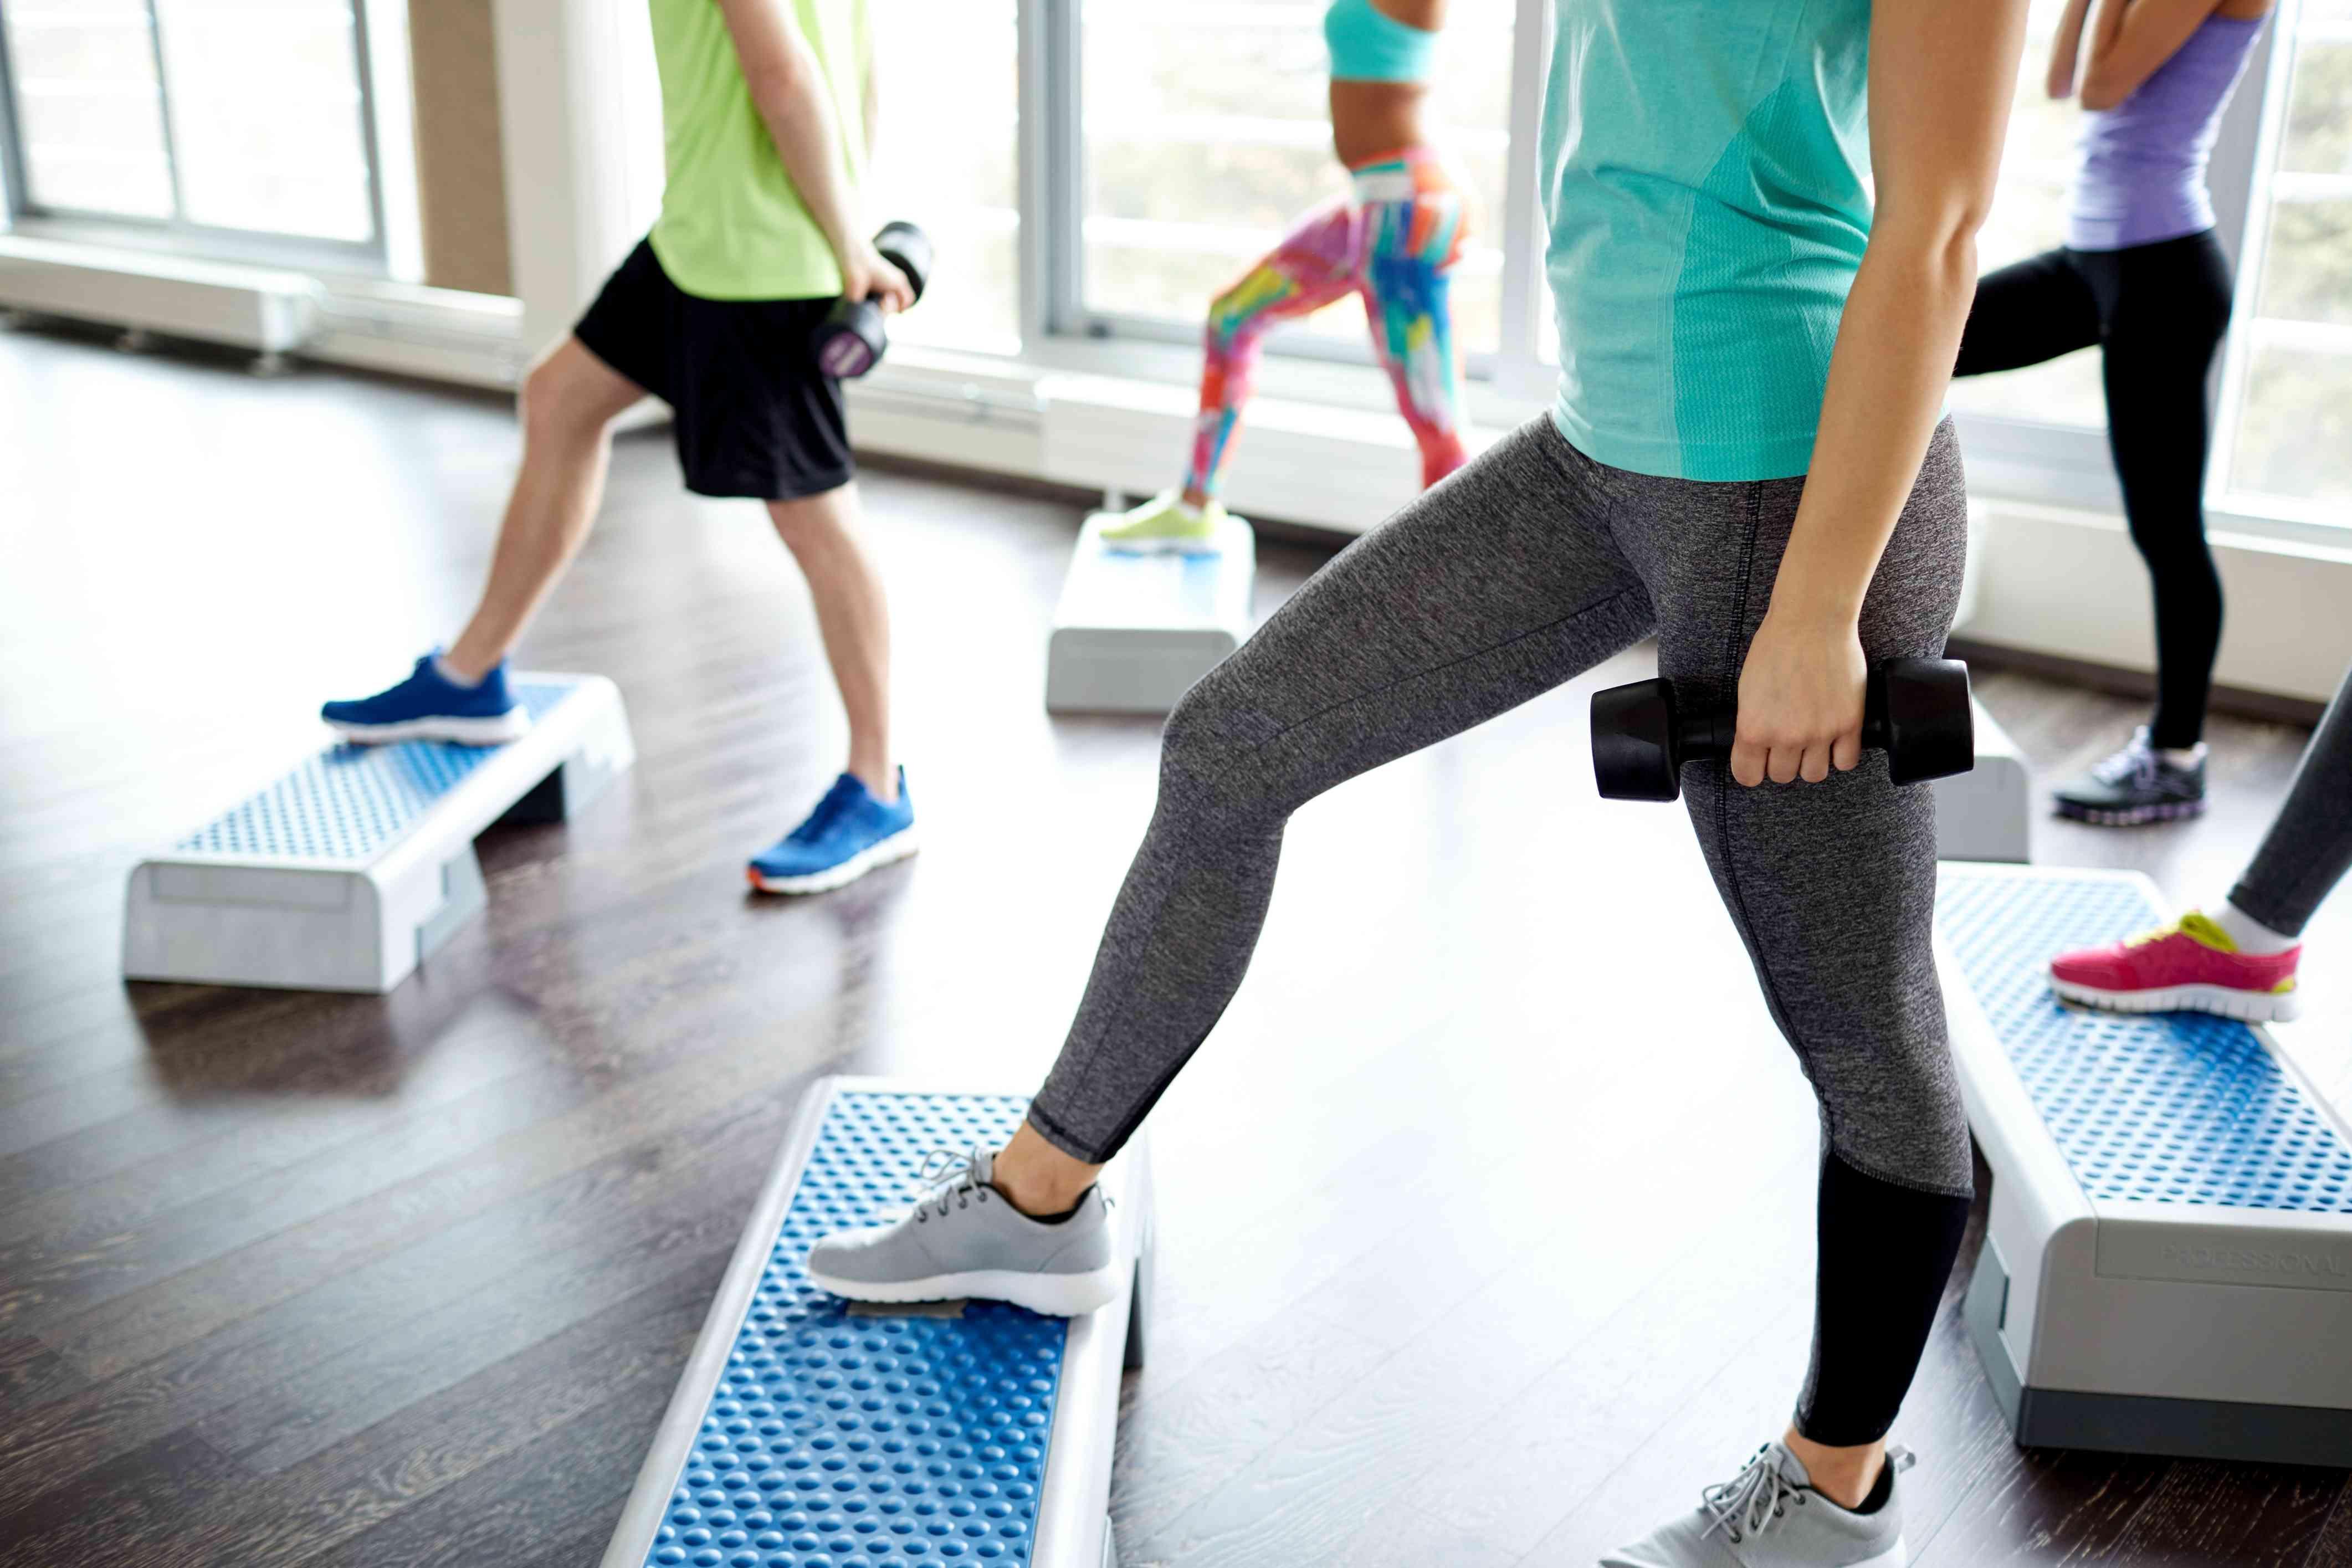 Grupo de personas con pesas haciendo step-ups en entrenamiento de circuito